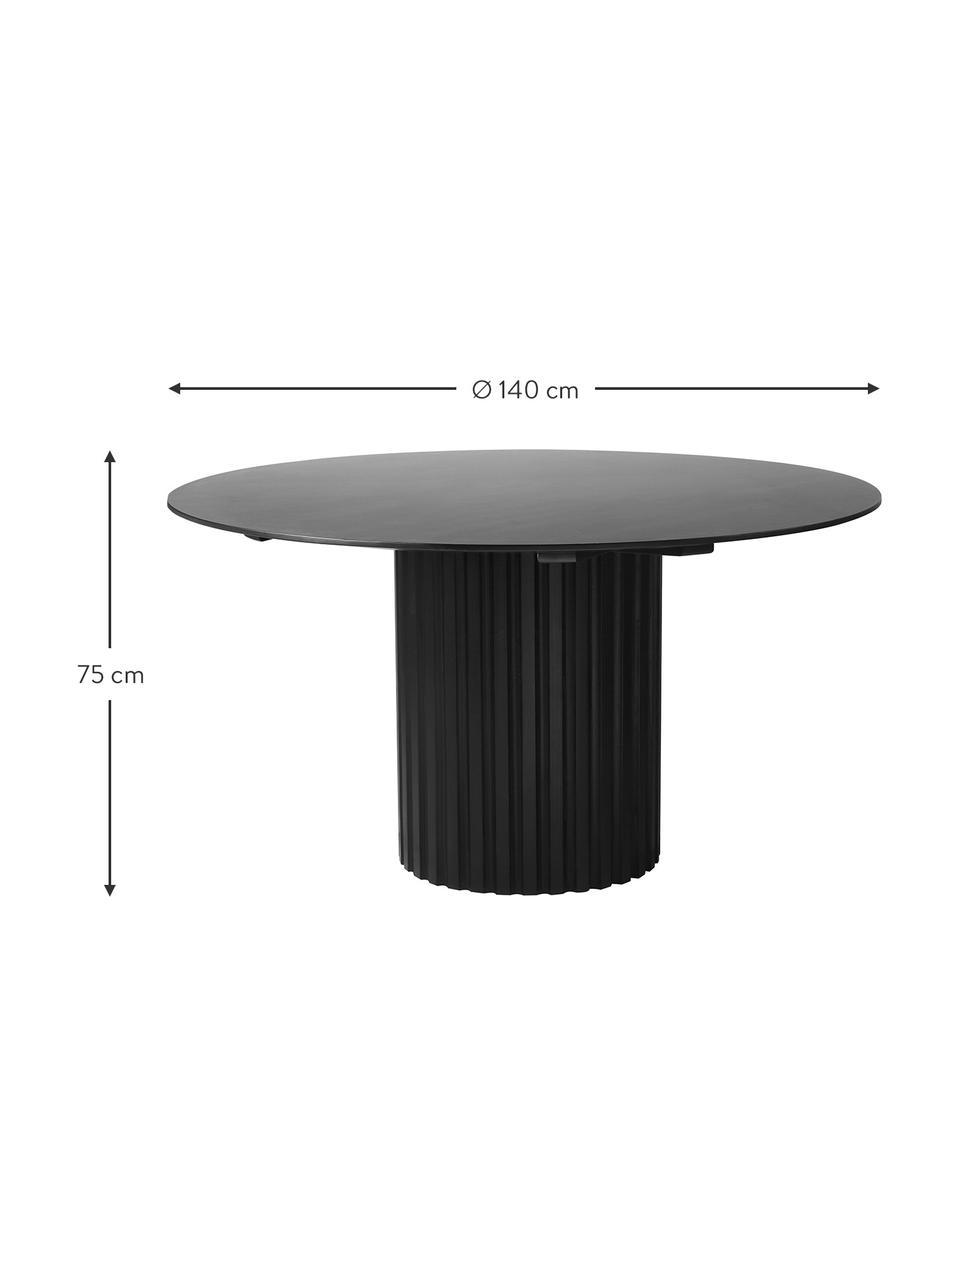 Runder Esstisch Pillar in Schwarz, Sungkai-Holz, Mitteldichte Holzfaserplatte (MDF), Schwarz, Ø 140 x H 75 cm